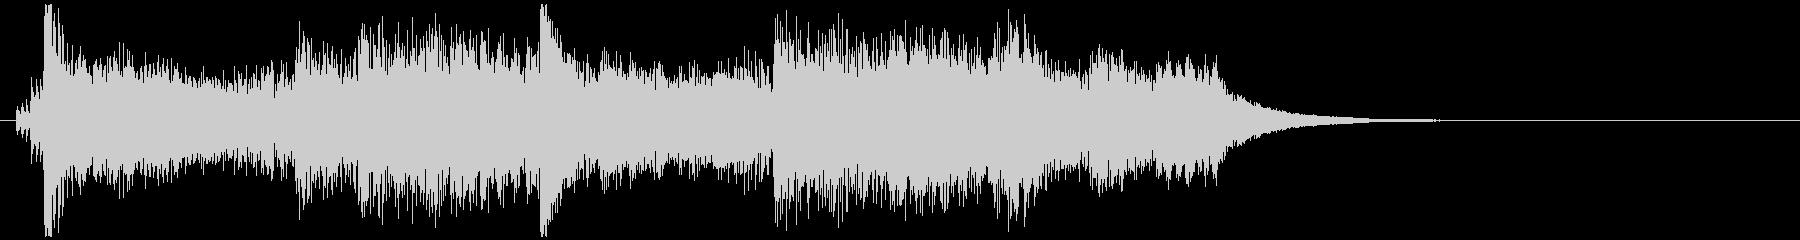 ピアノソロのオープニングジングルの未再生の波形